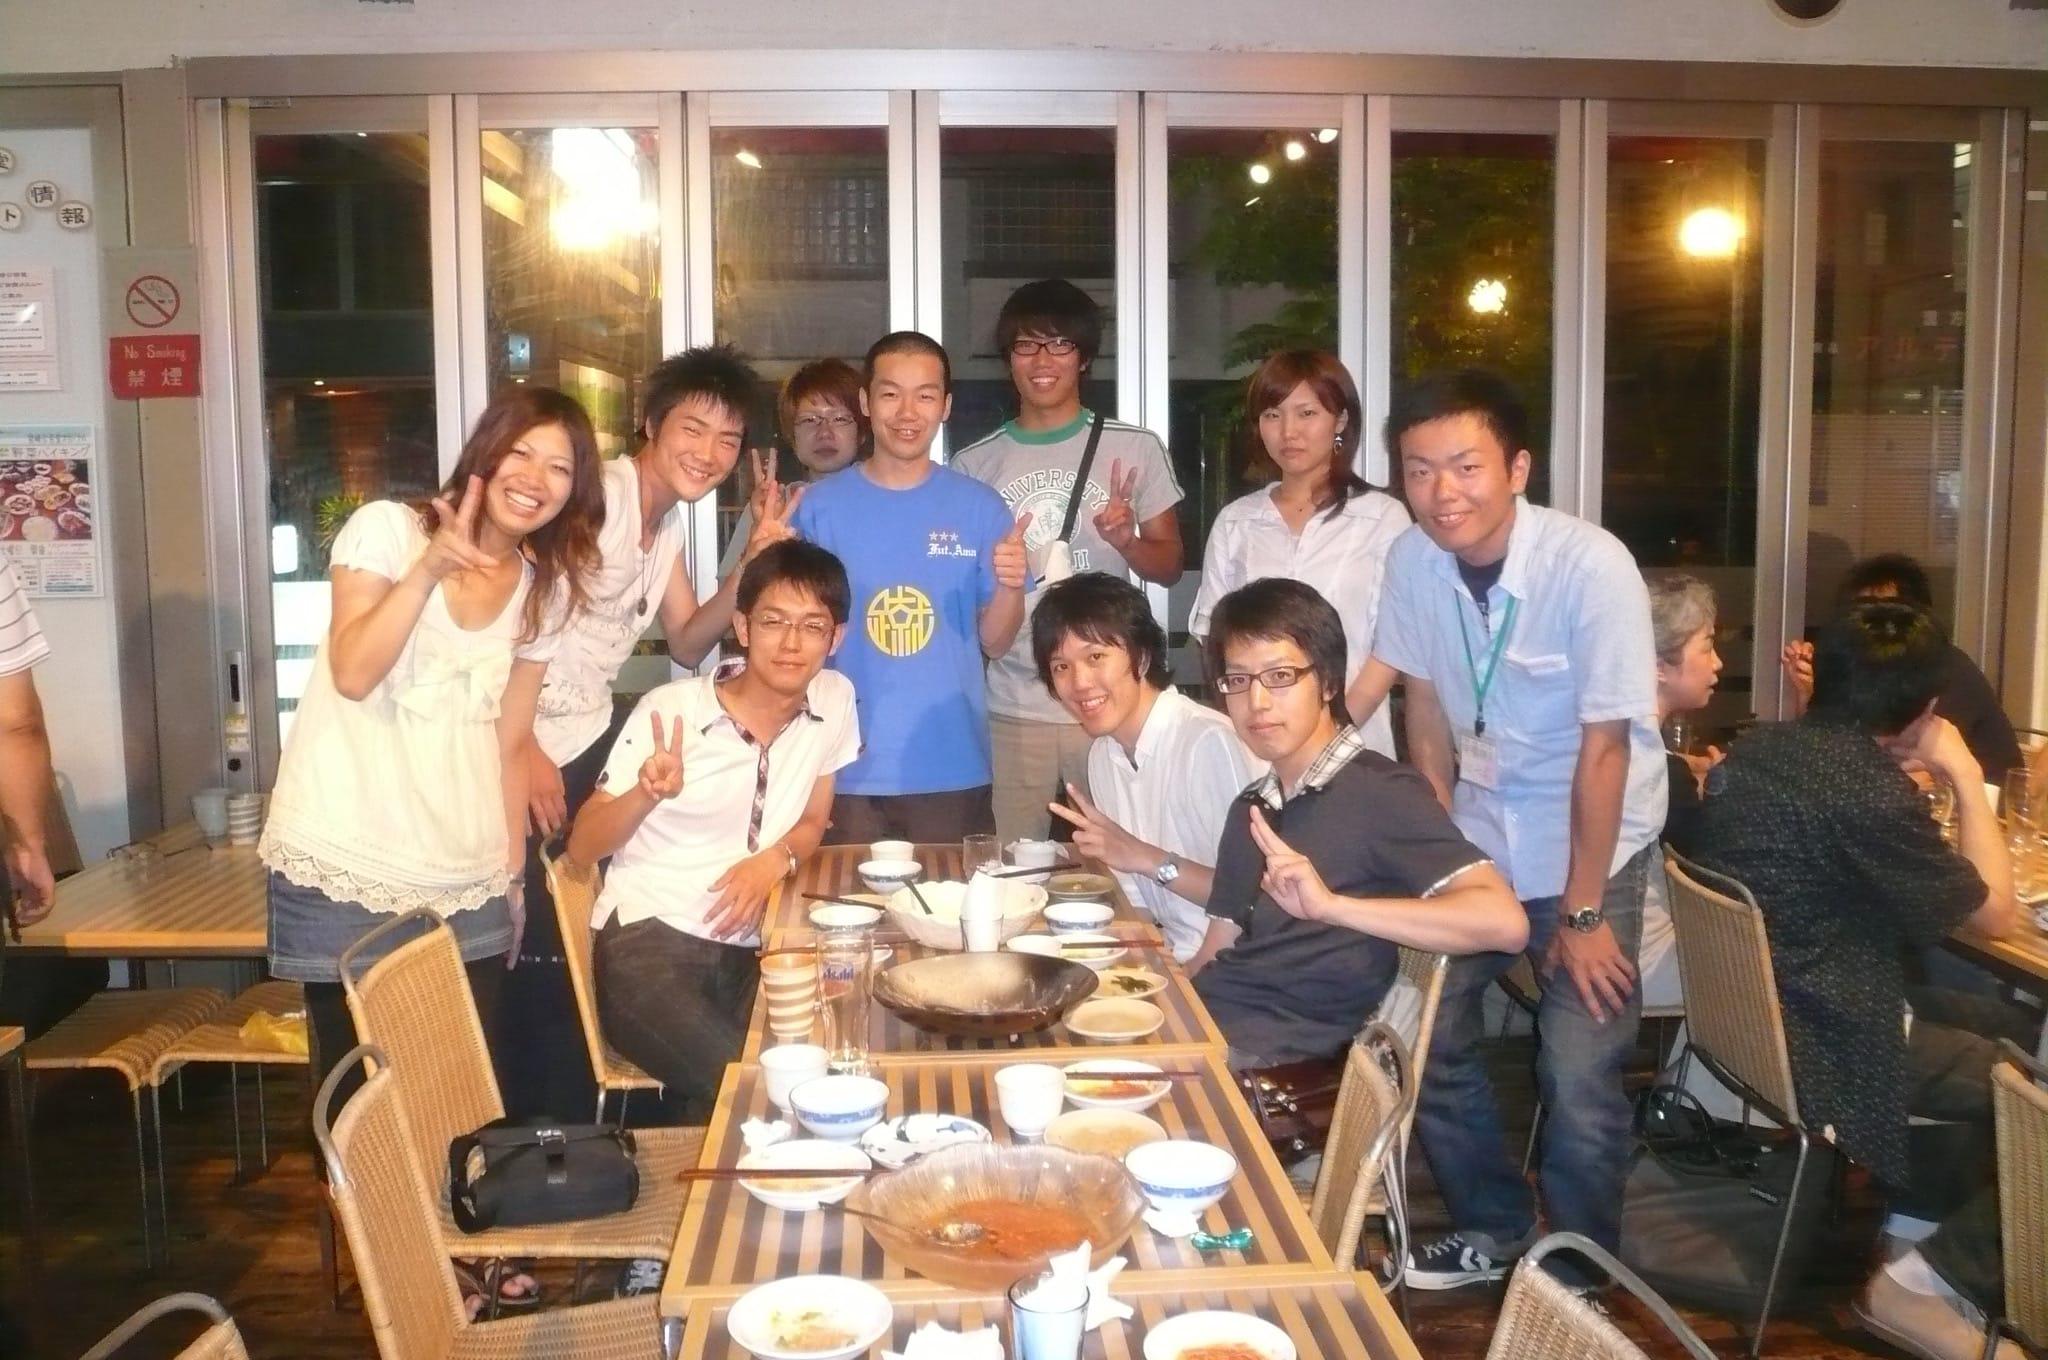 2009年、岩本悠さんをゲストに迎えた自主企画のイベントで(左端が森山さん)。